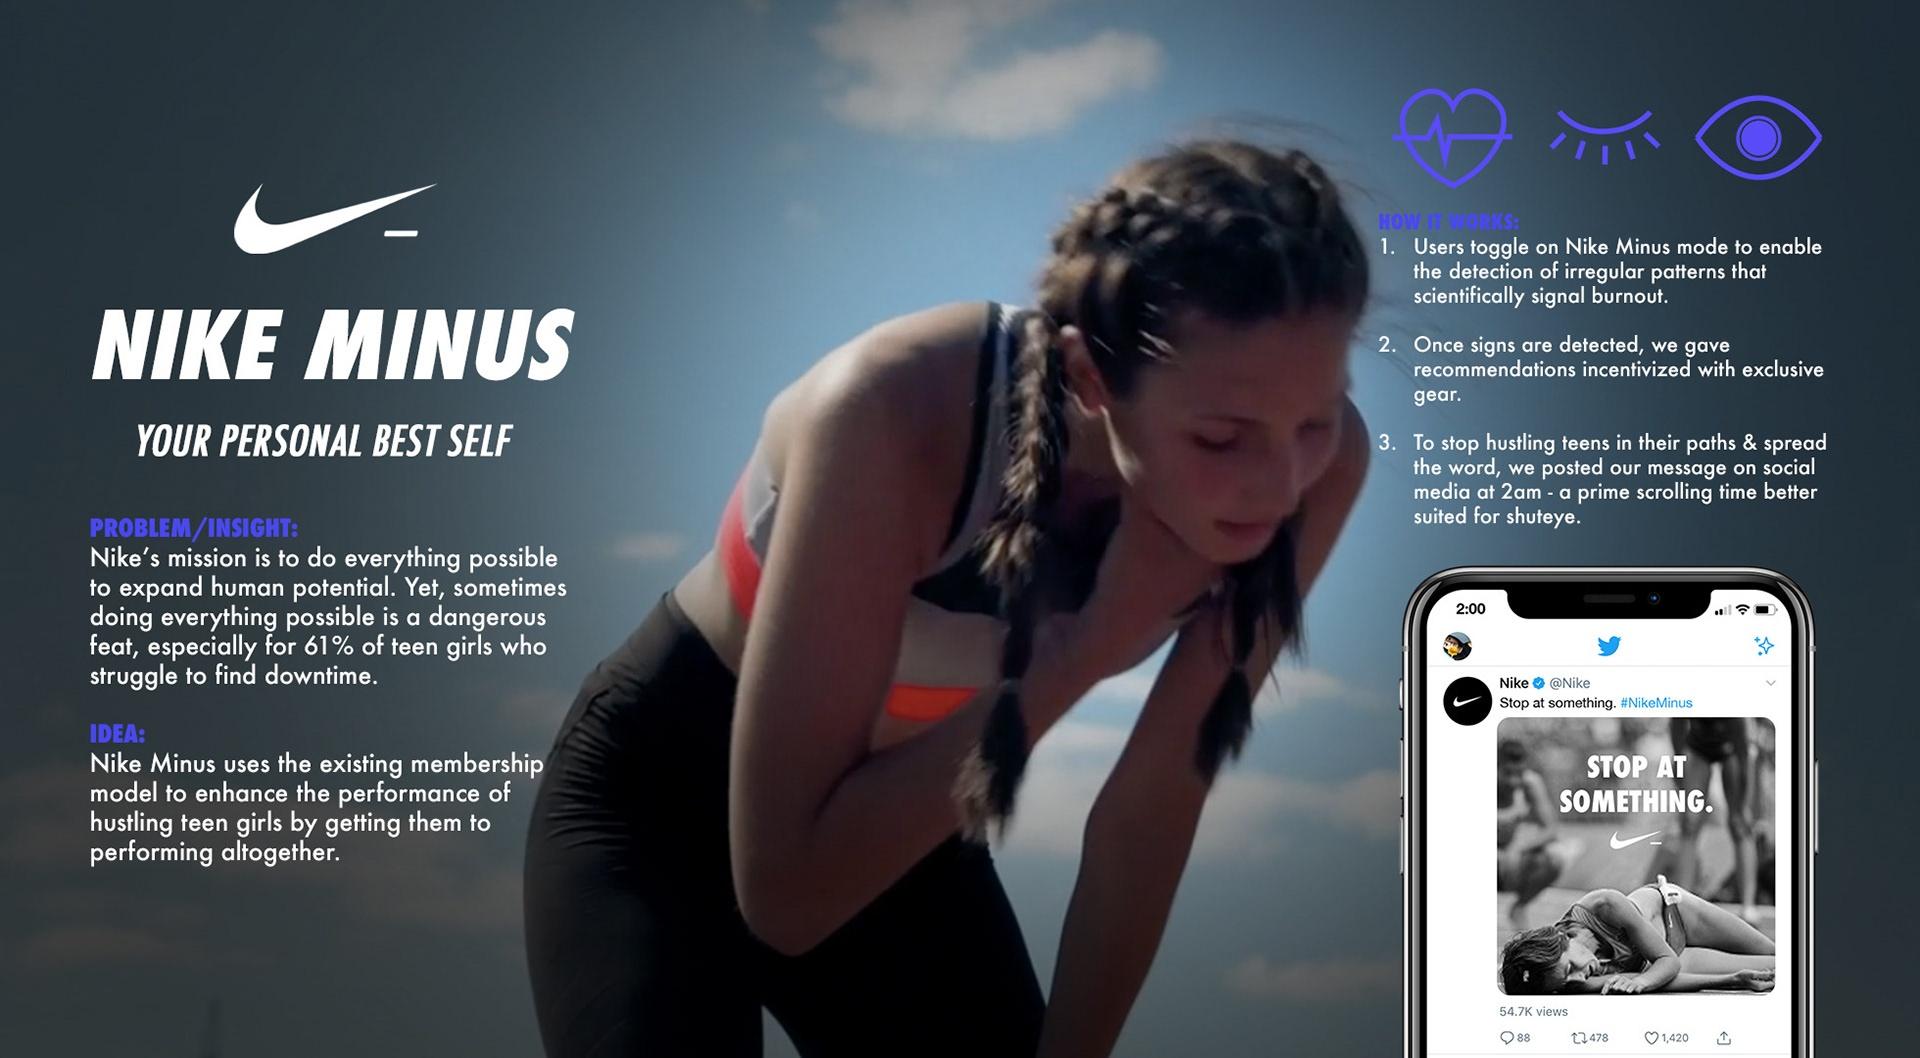 Thumbnail for Nike Minus